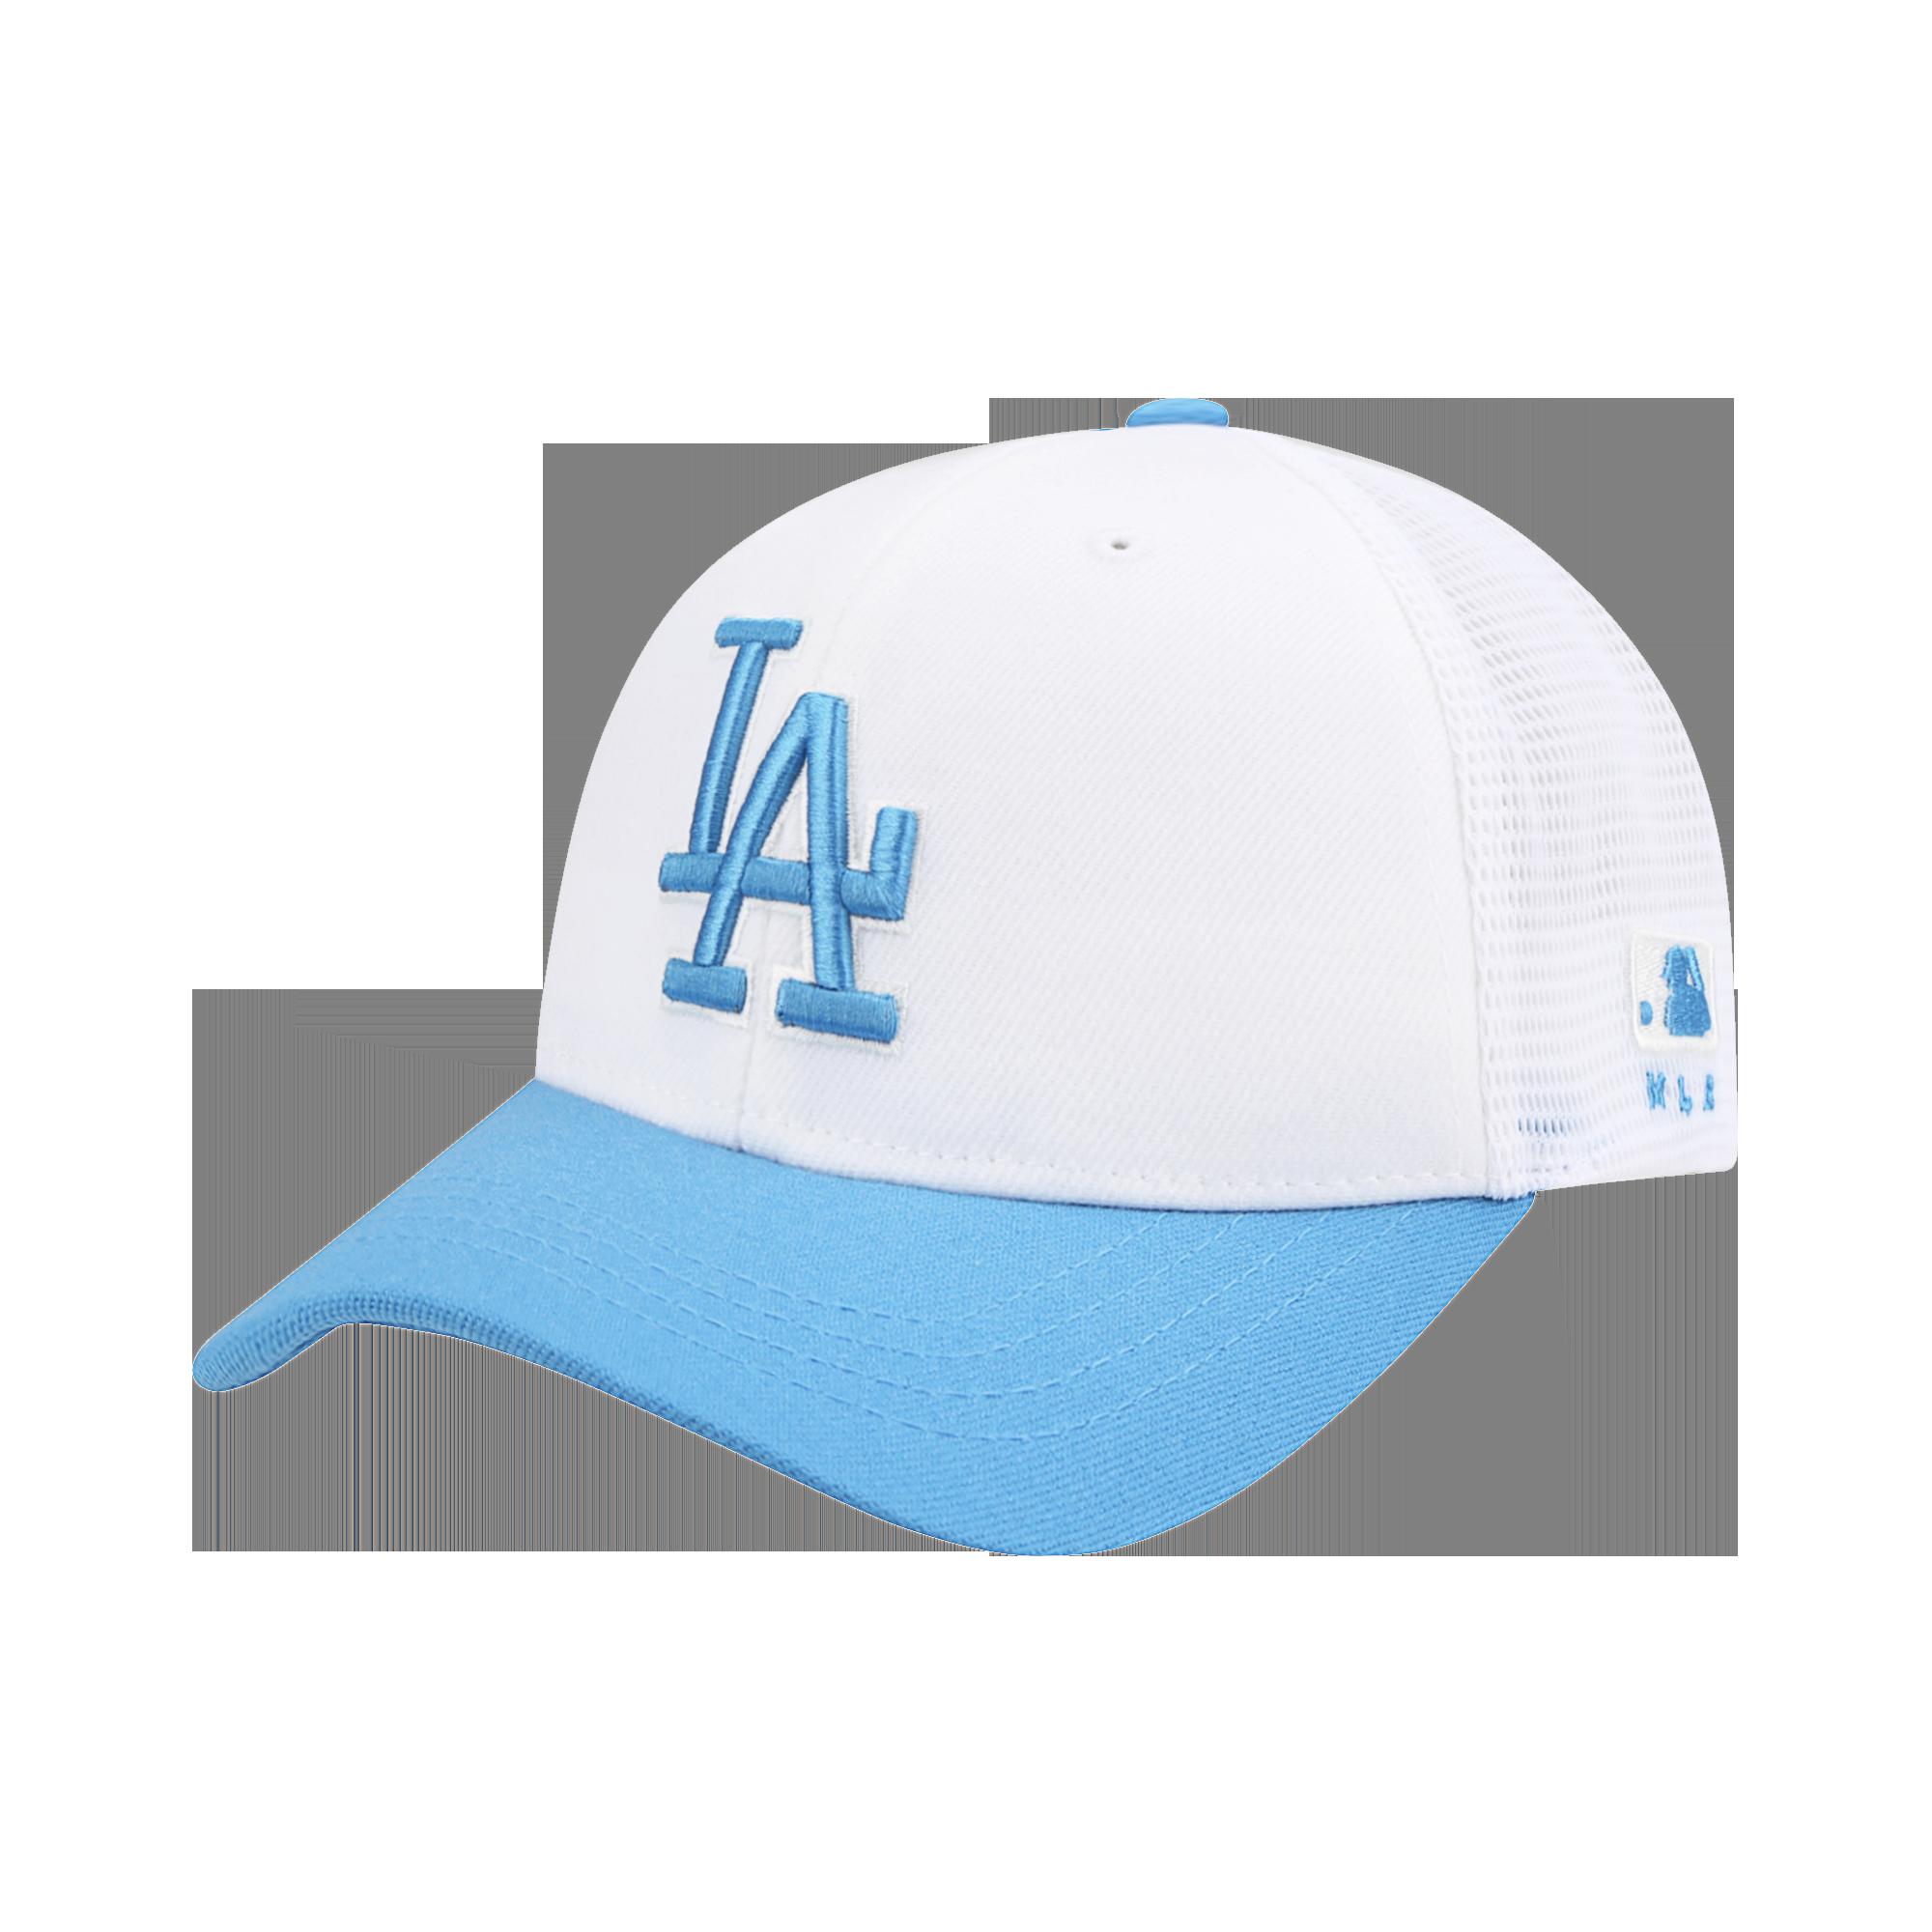 LA DODGERS CHARACTER MESH CURVED CAP